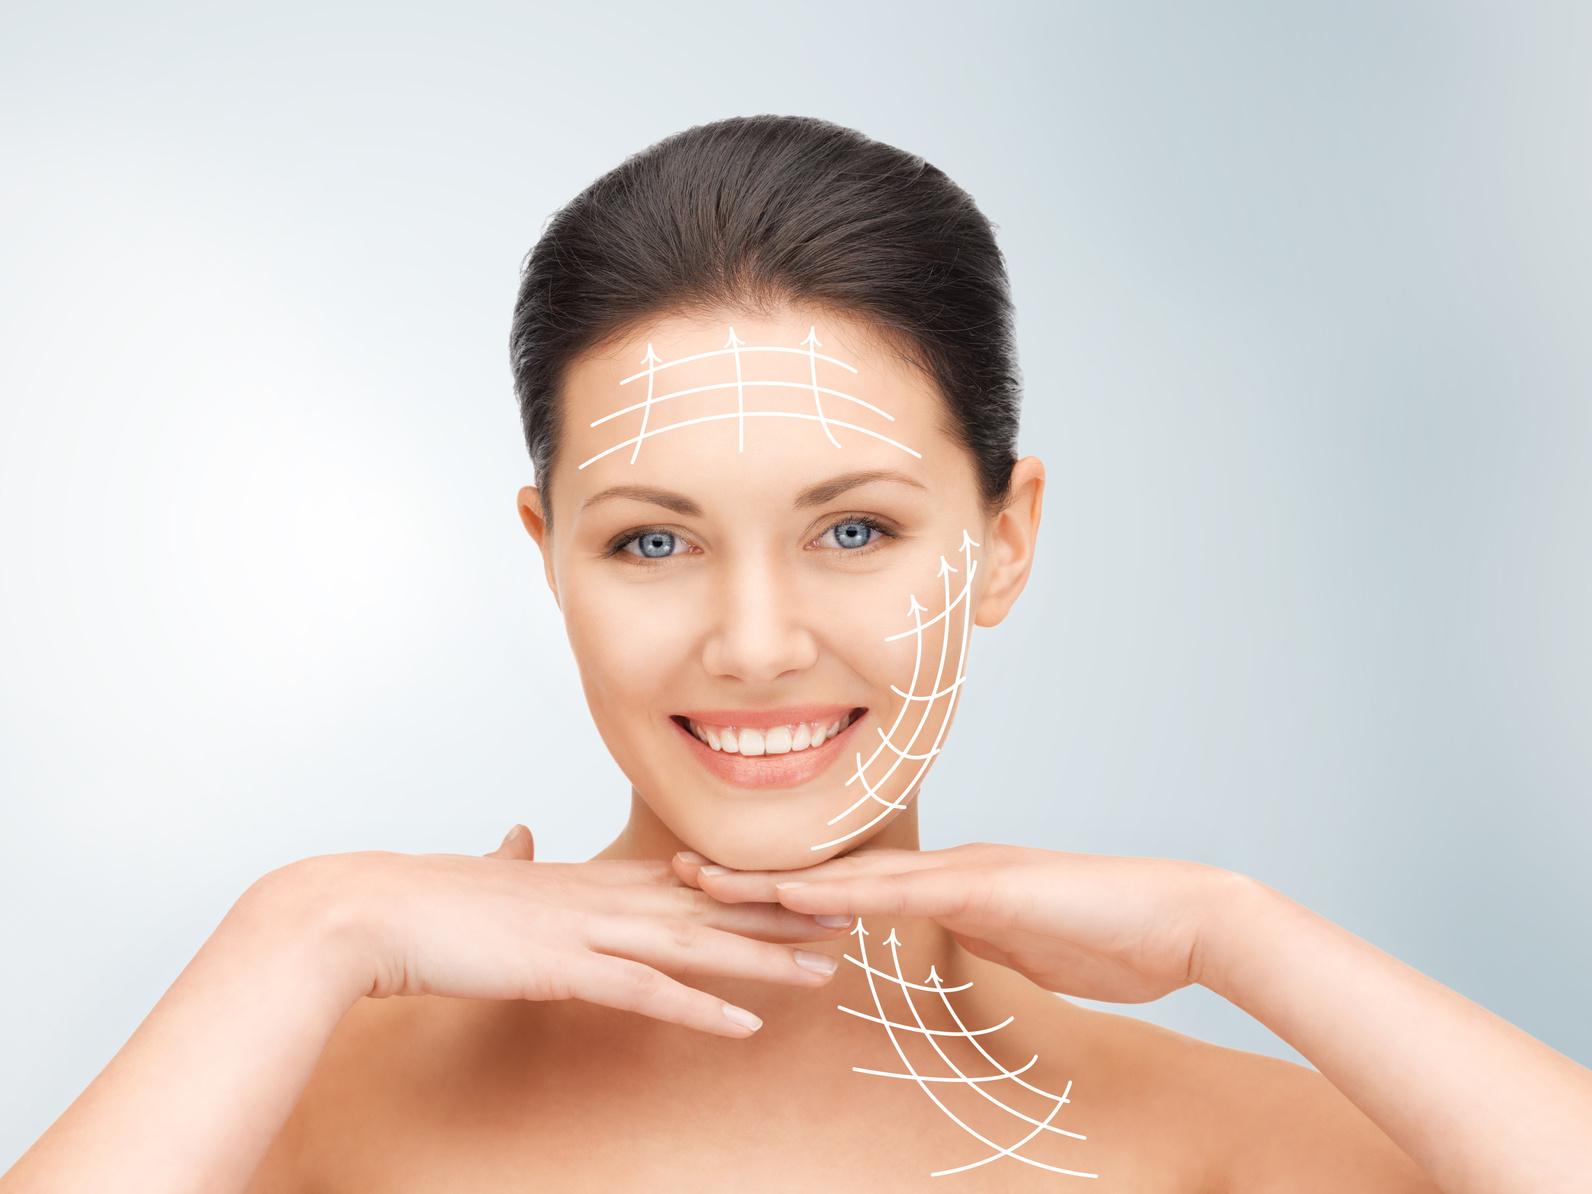 Пластика лица: популярность и особенности процедуры